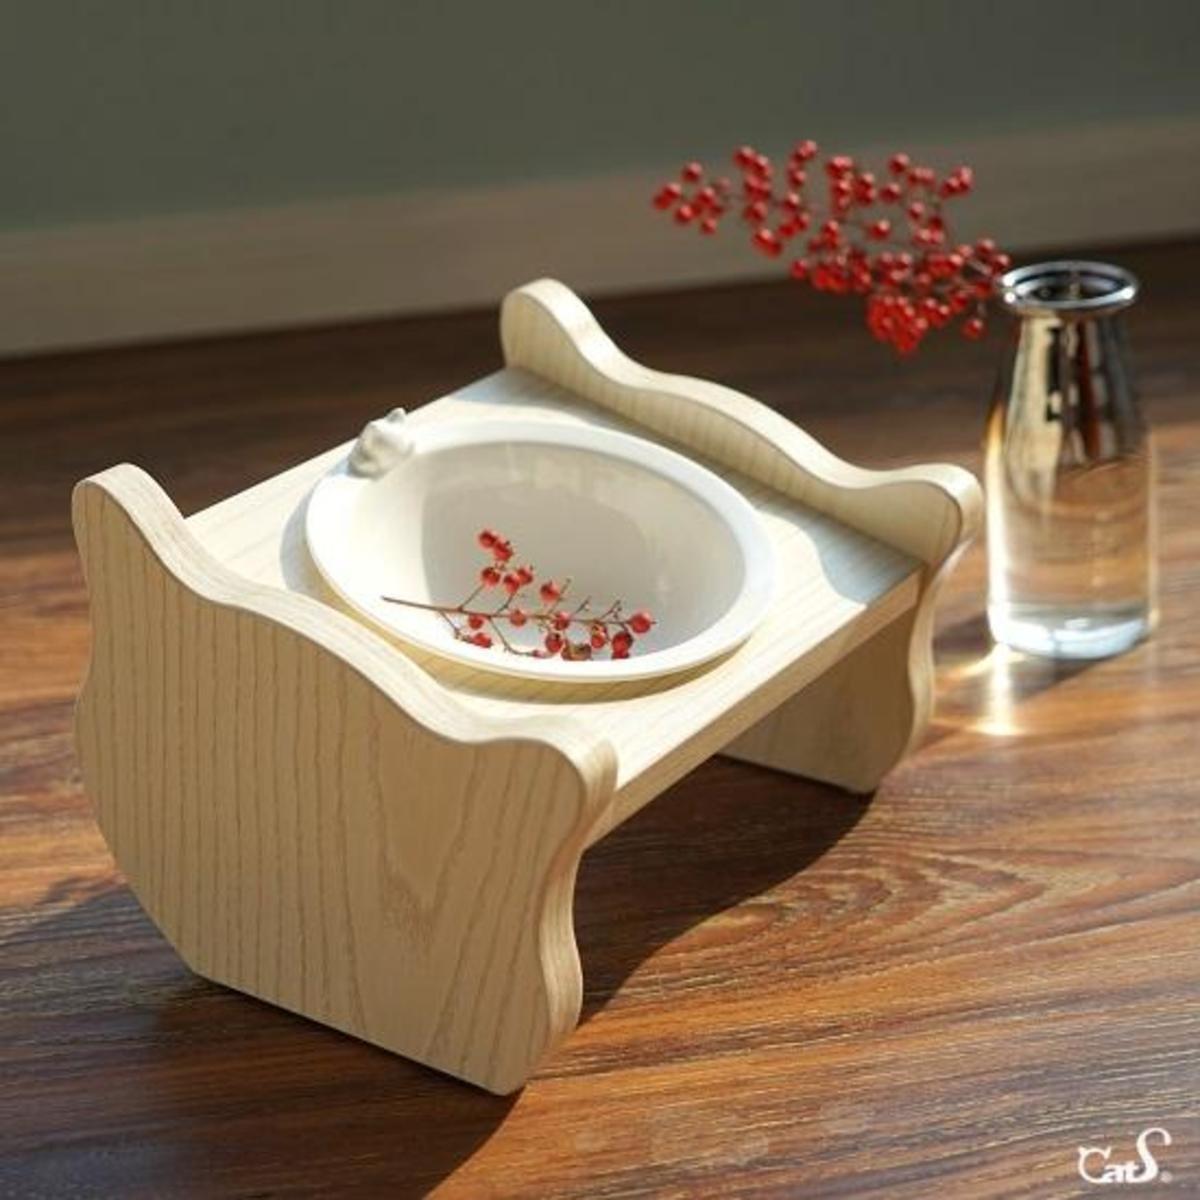 斜面木製單碗貓餐桌 (單碗)